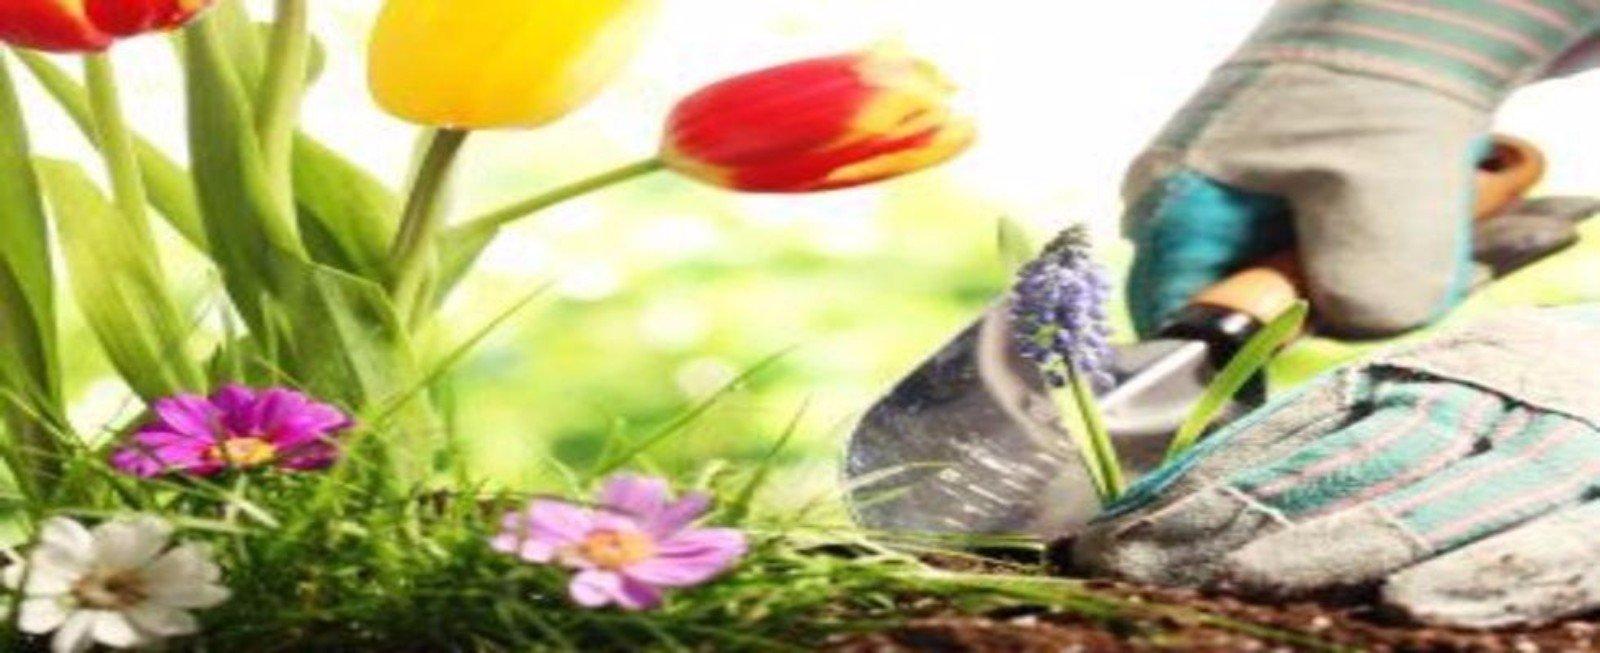 mani con guanti piantando fiori